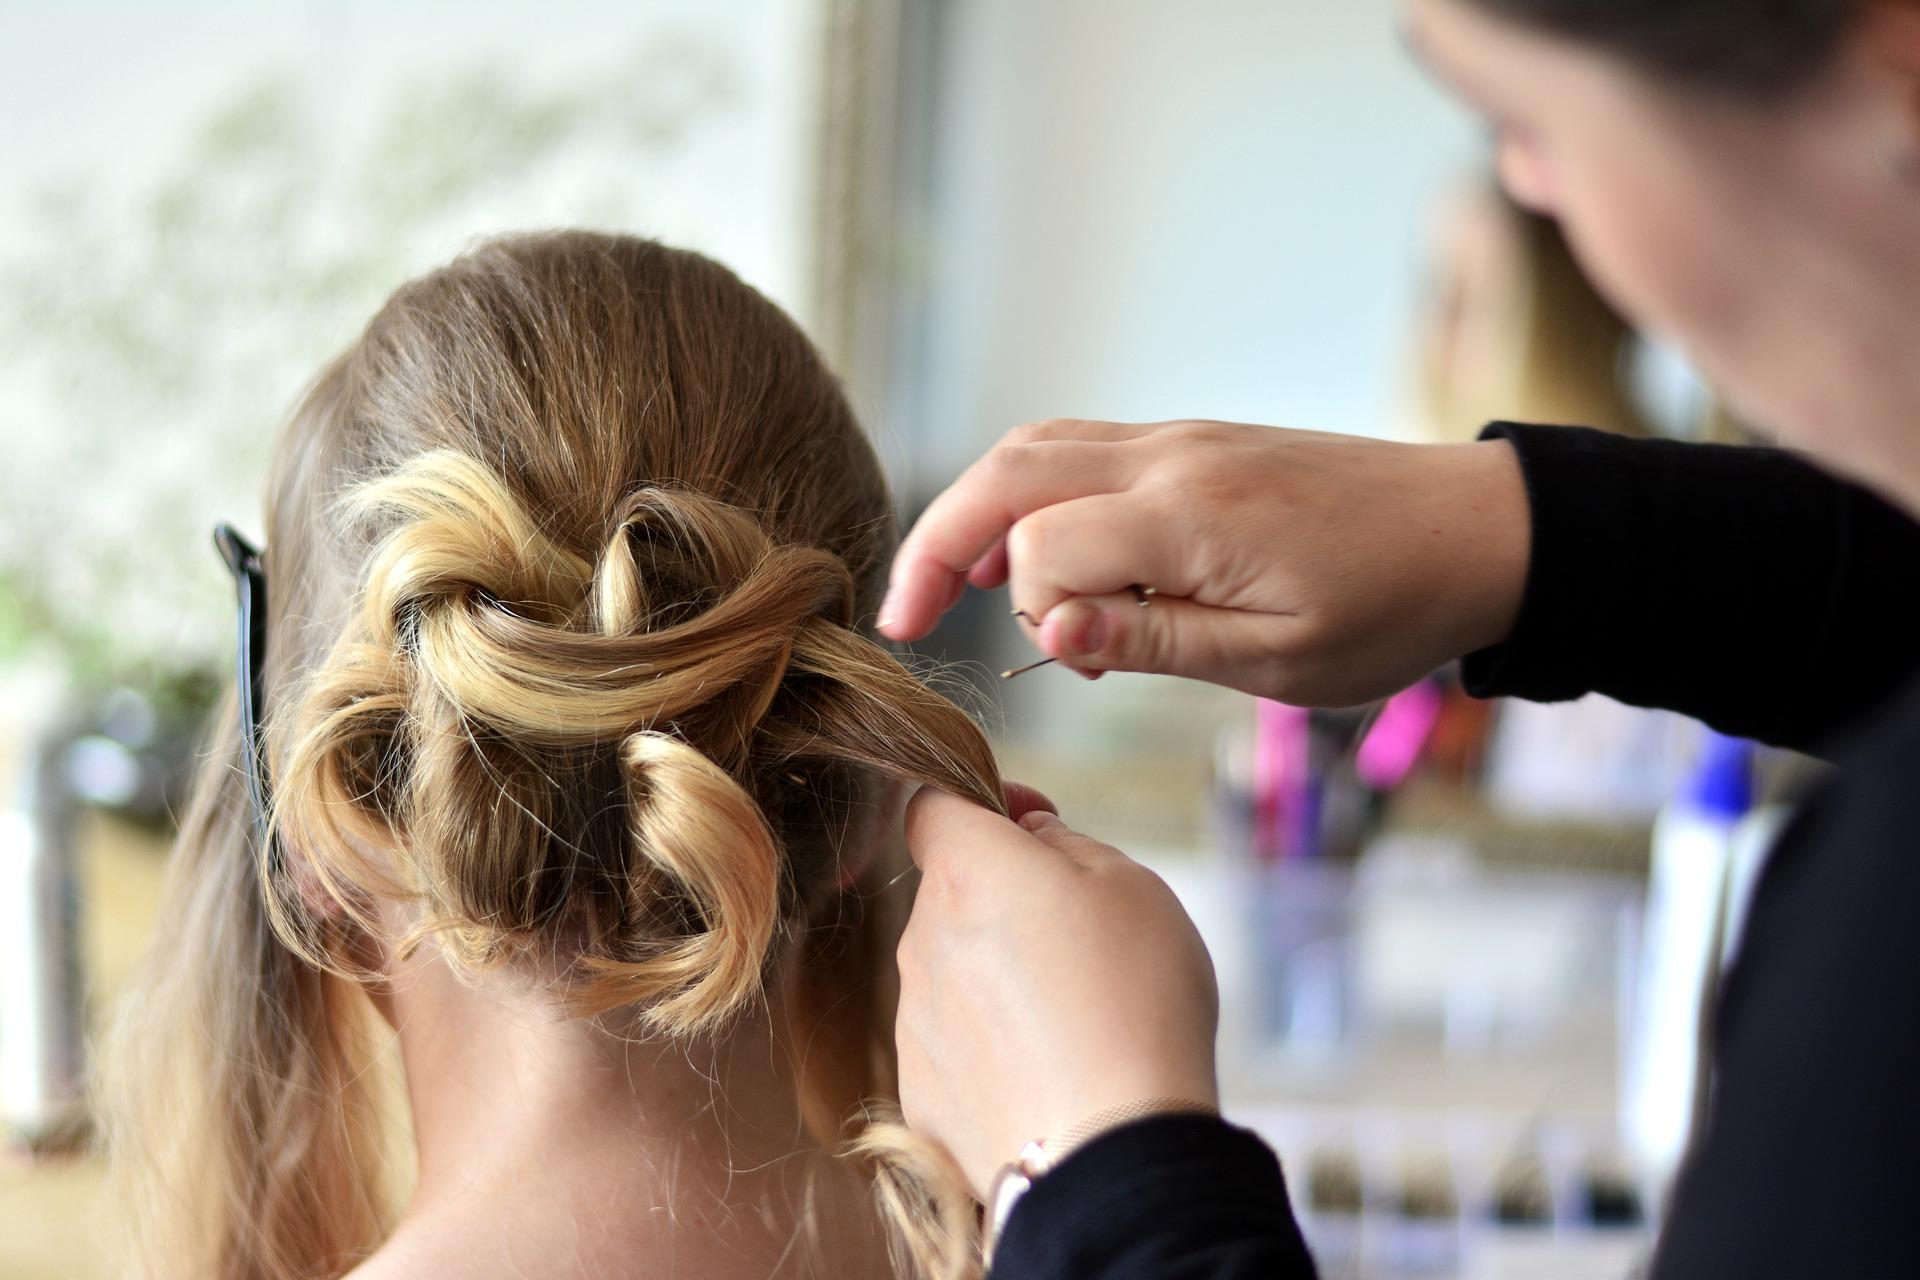 Estética / Peluquerías / Productos peluquería / Salud